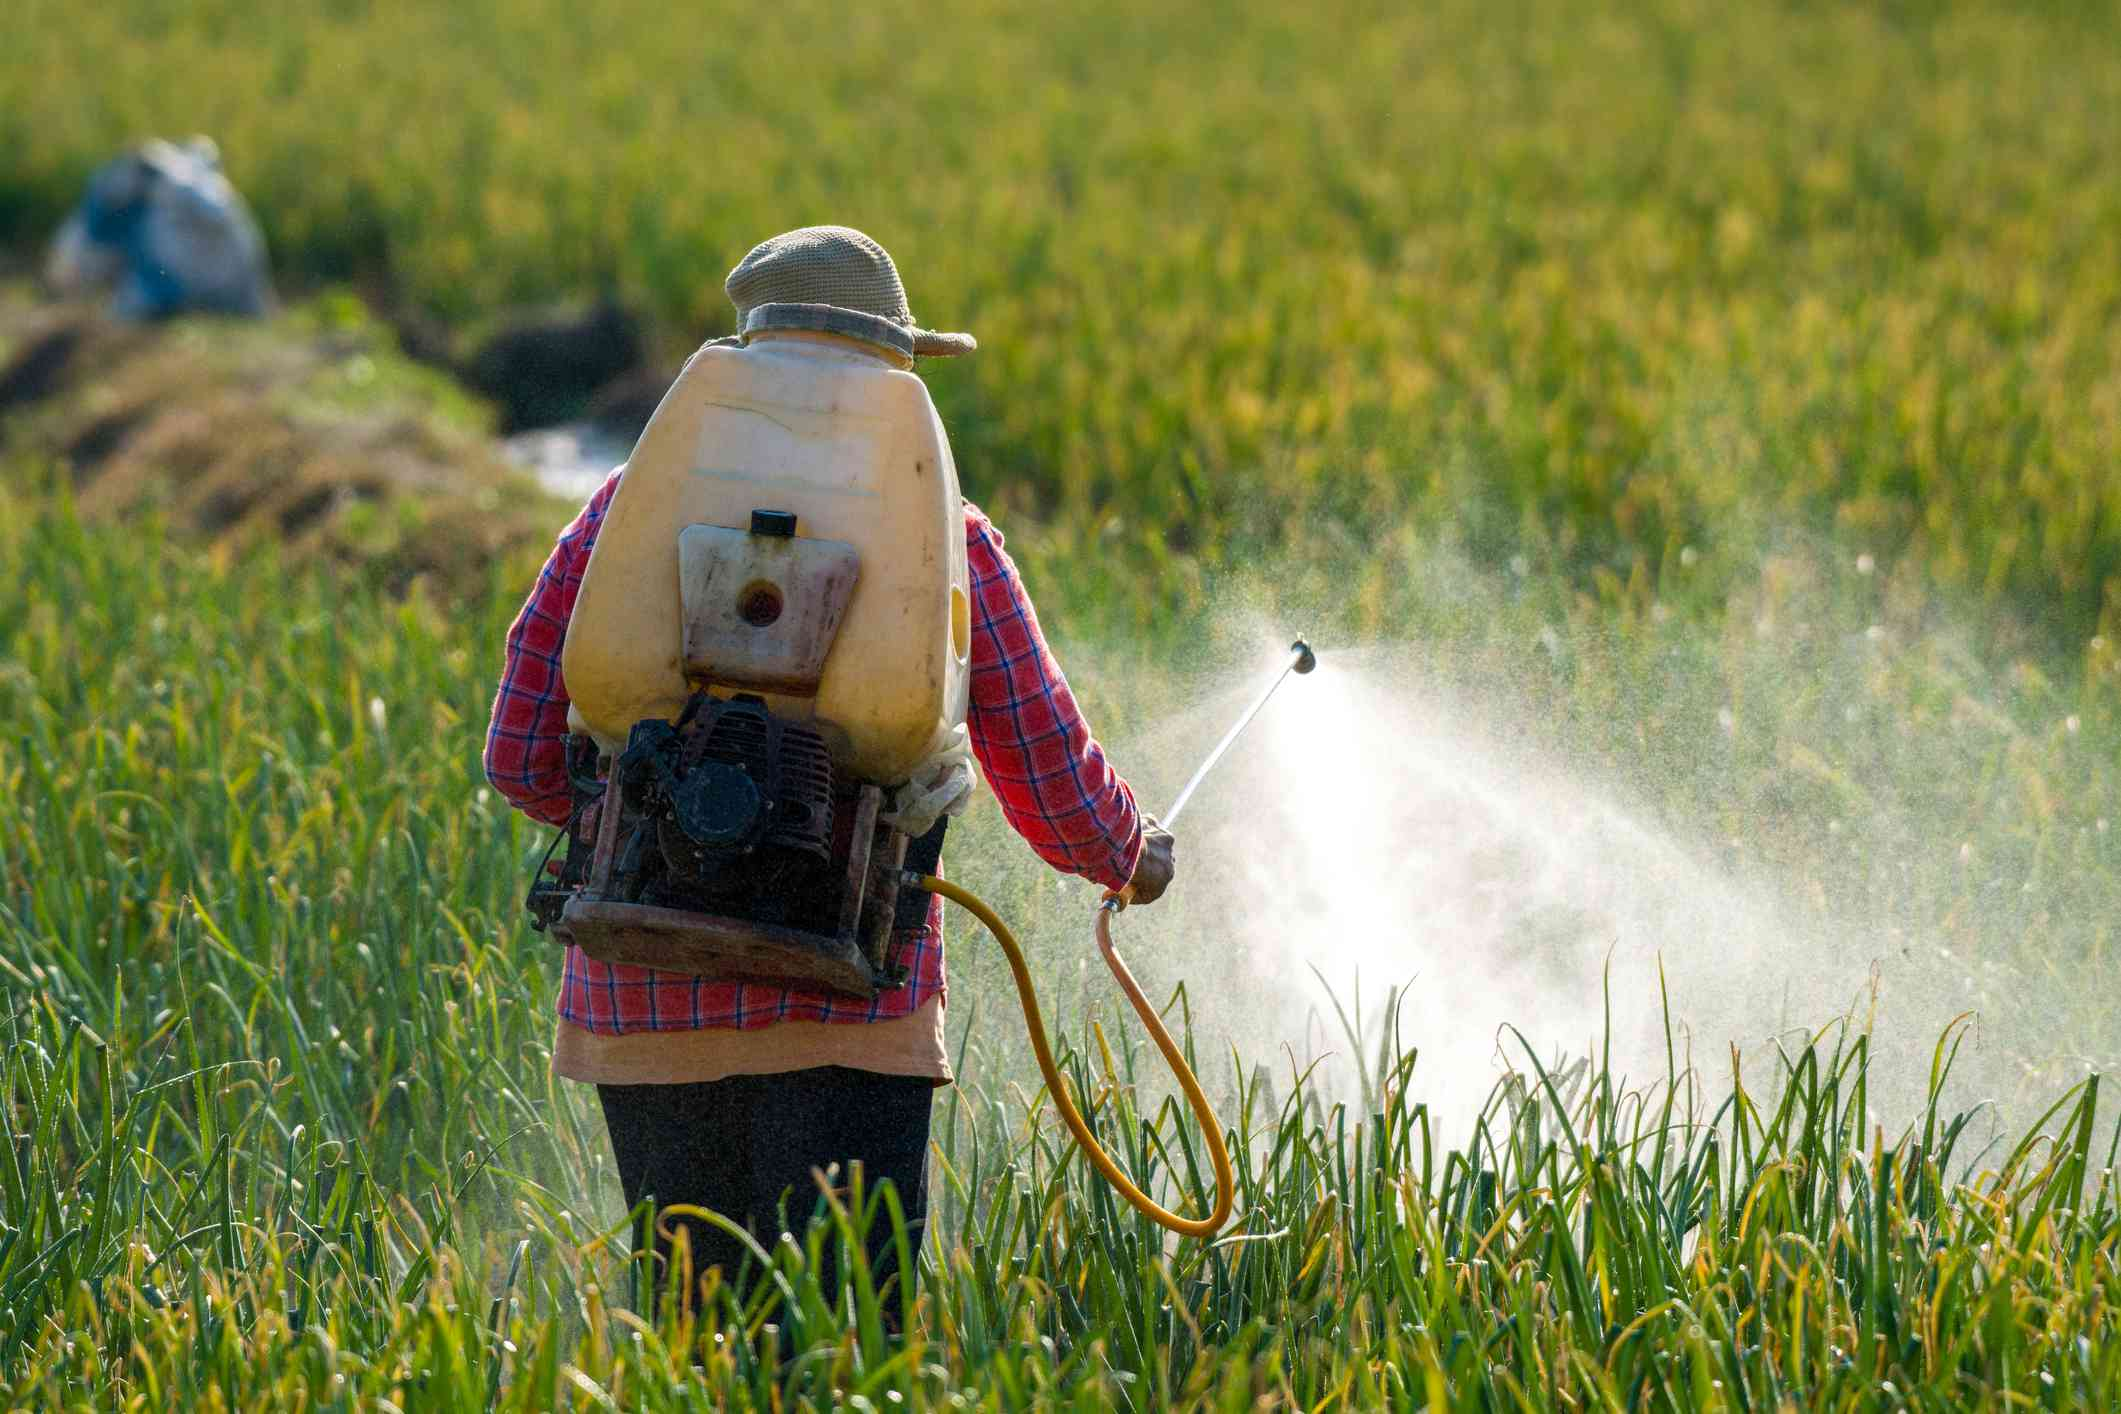 Farmer spraying pesticide.